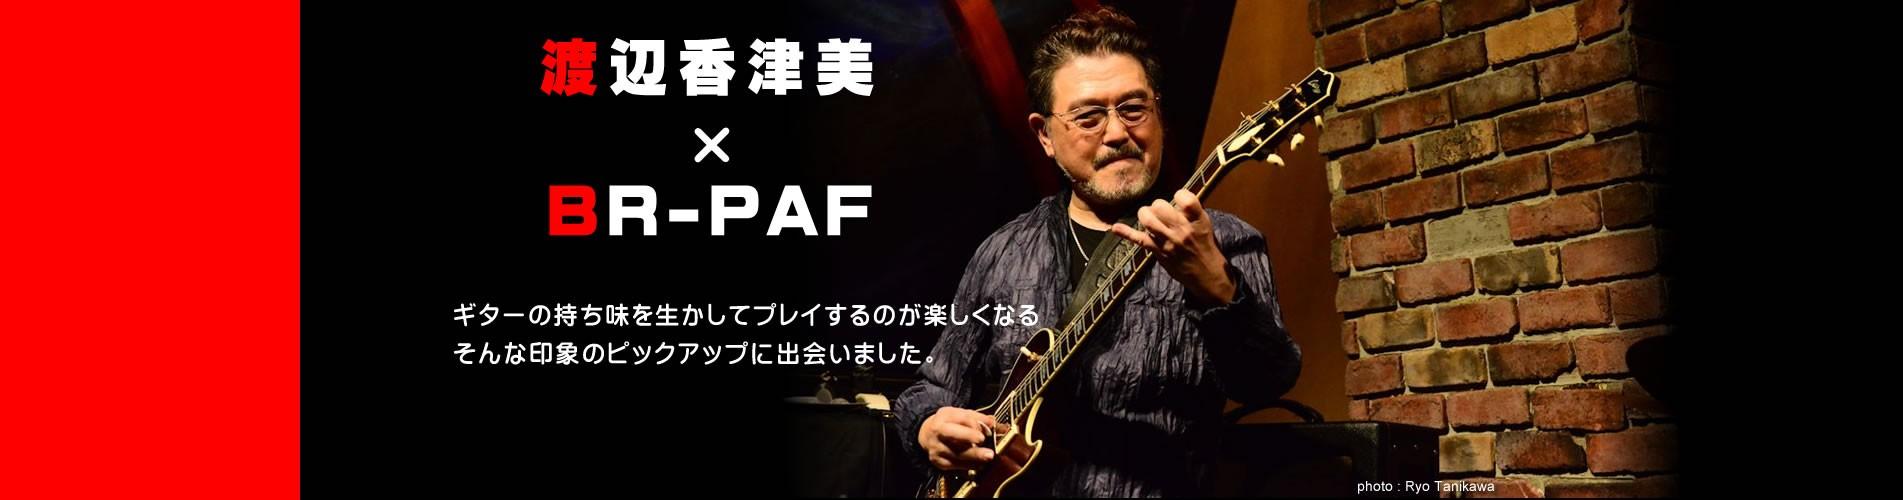 渡辺香津美×BR-PAF(ブリルベイト)